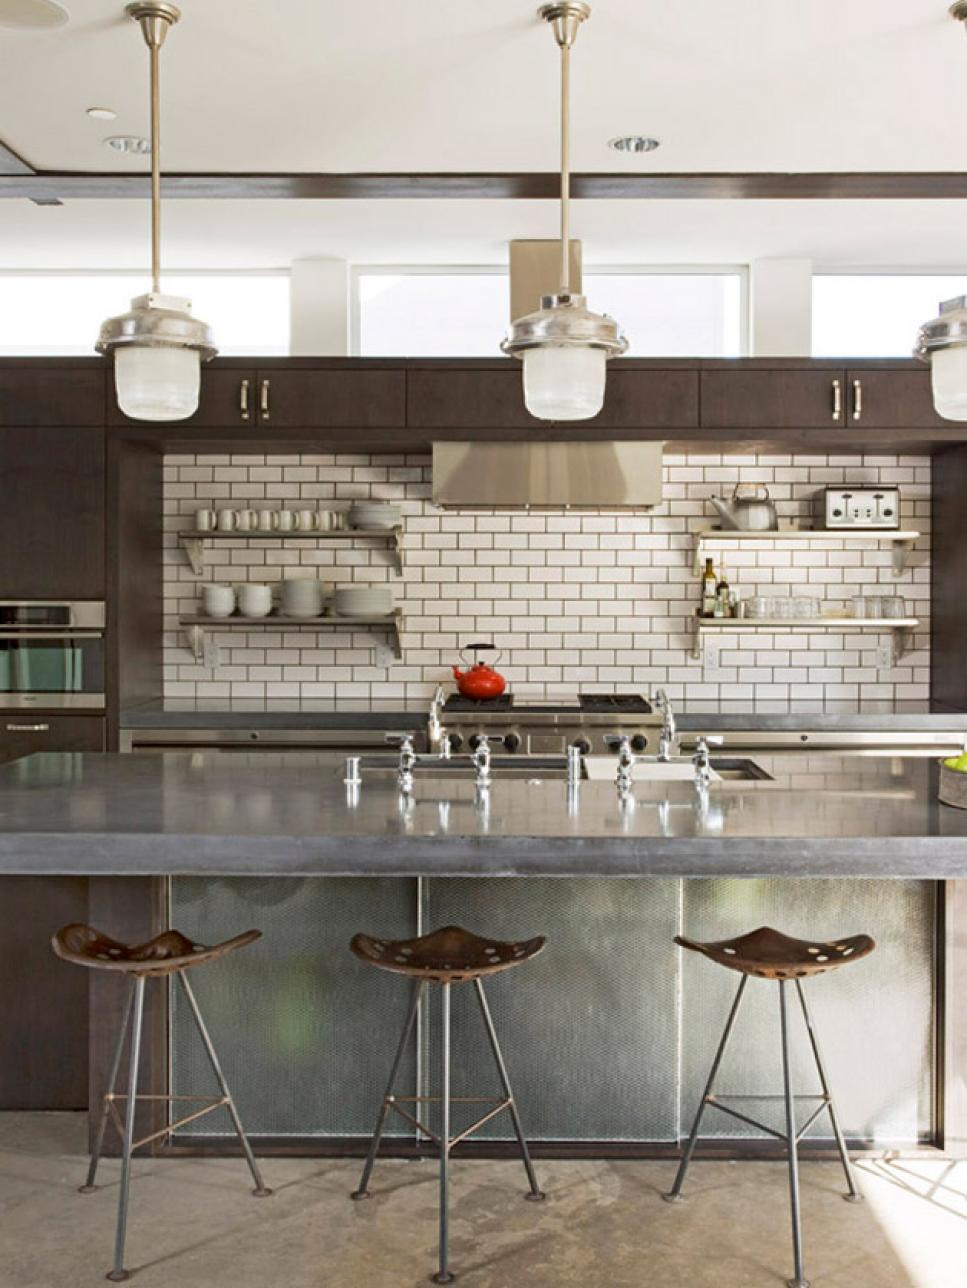 designer kitchens for less | hgtv SEMKQFL